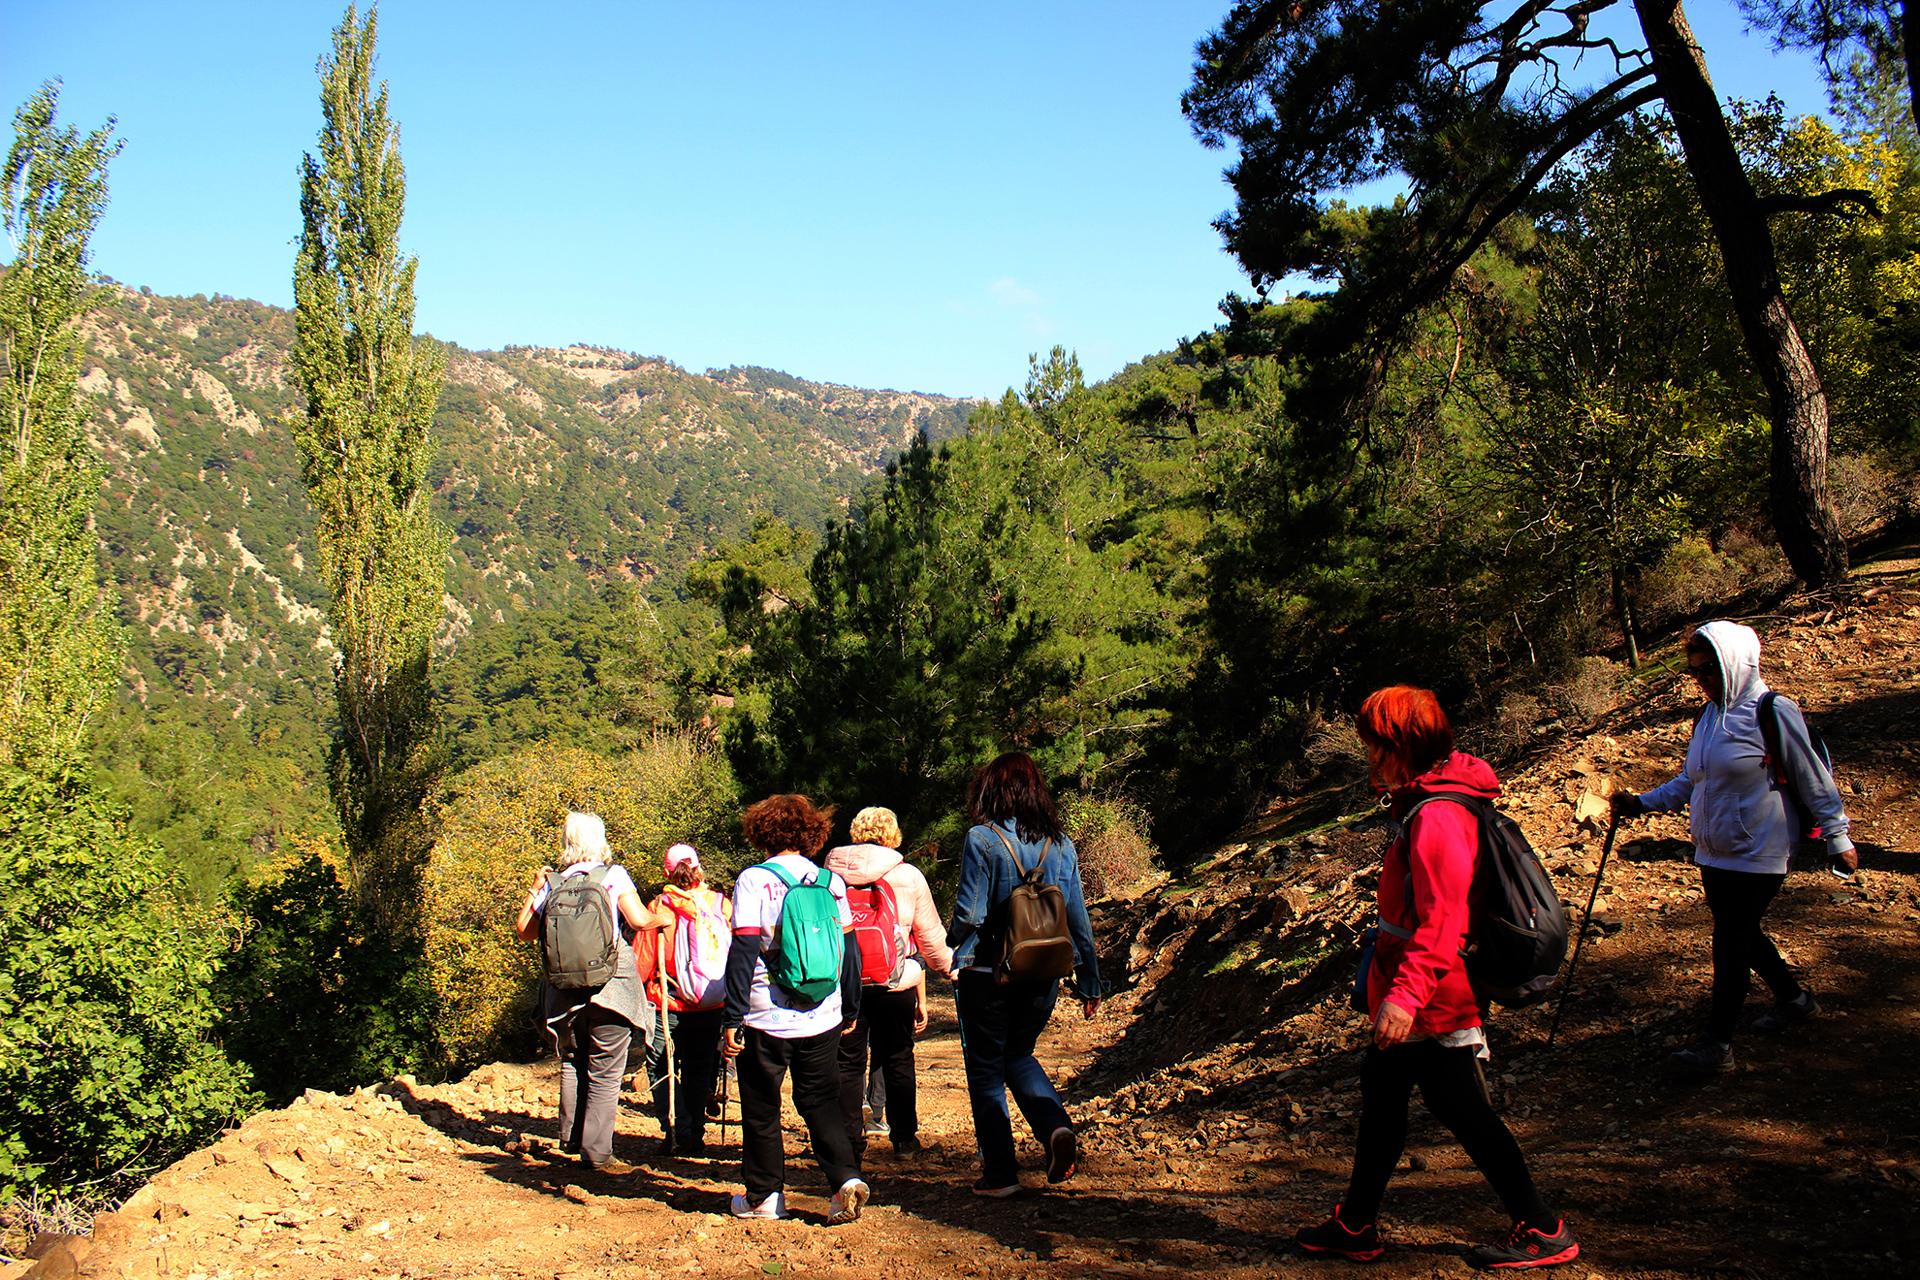 1. Adramytteion Festivali Doğa Yürüyüşü